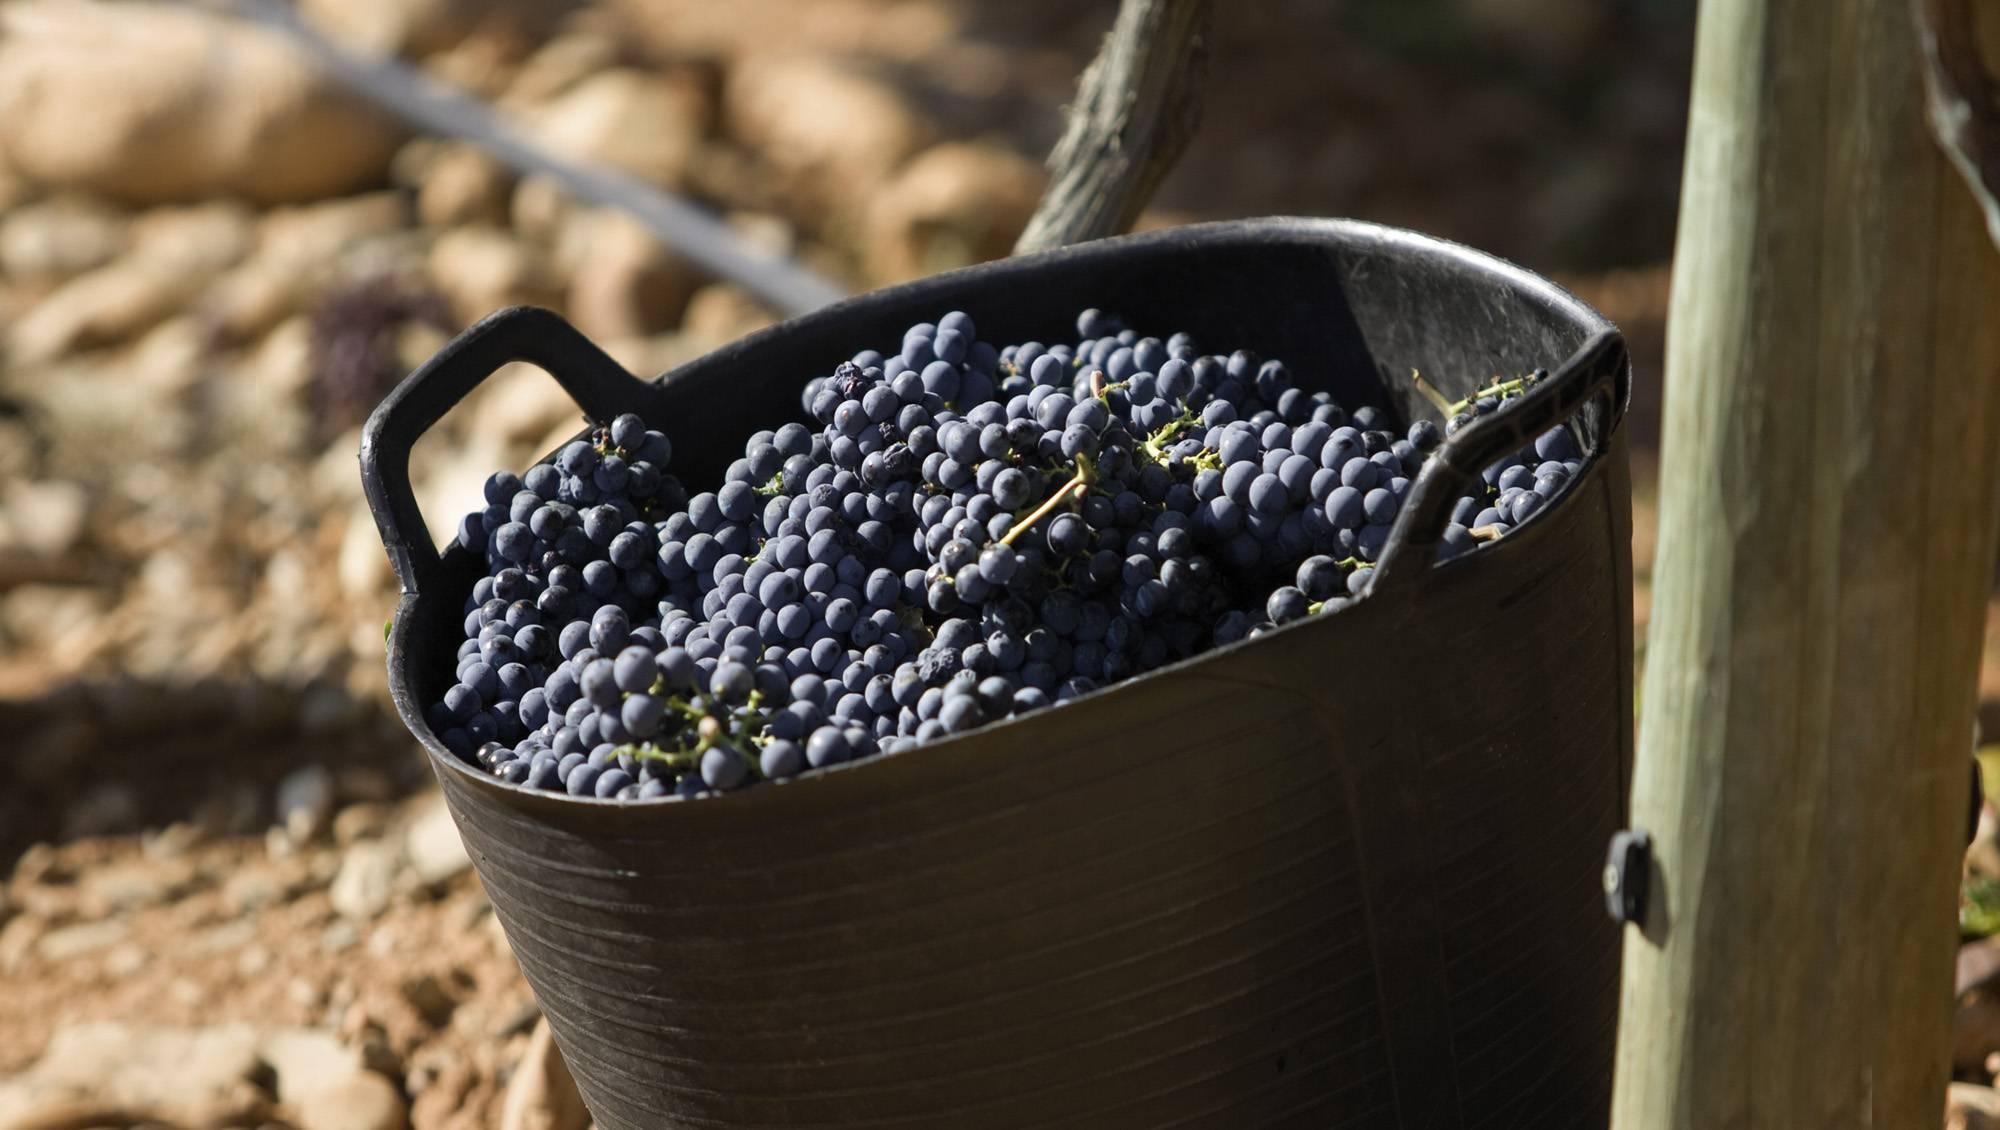 Николай курдюмов: виноград и другие ягоды вашего сада